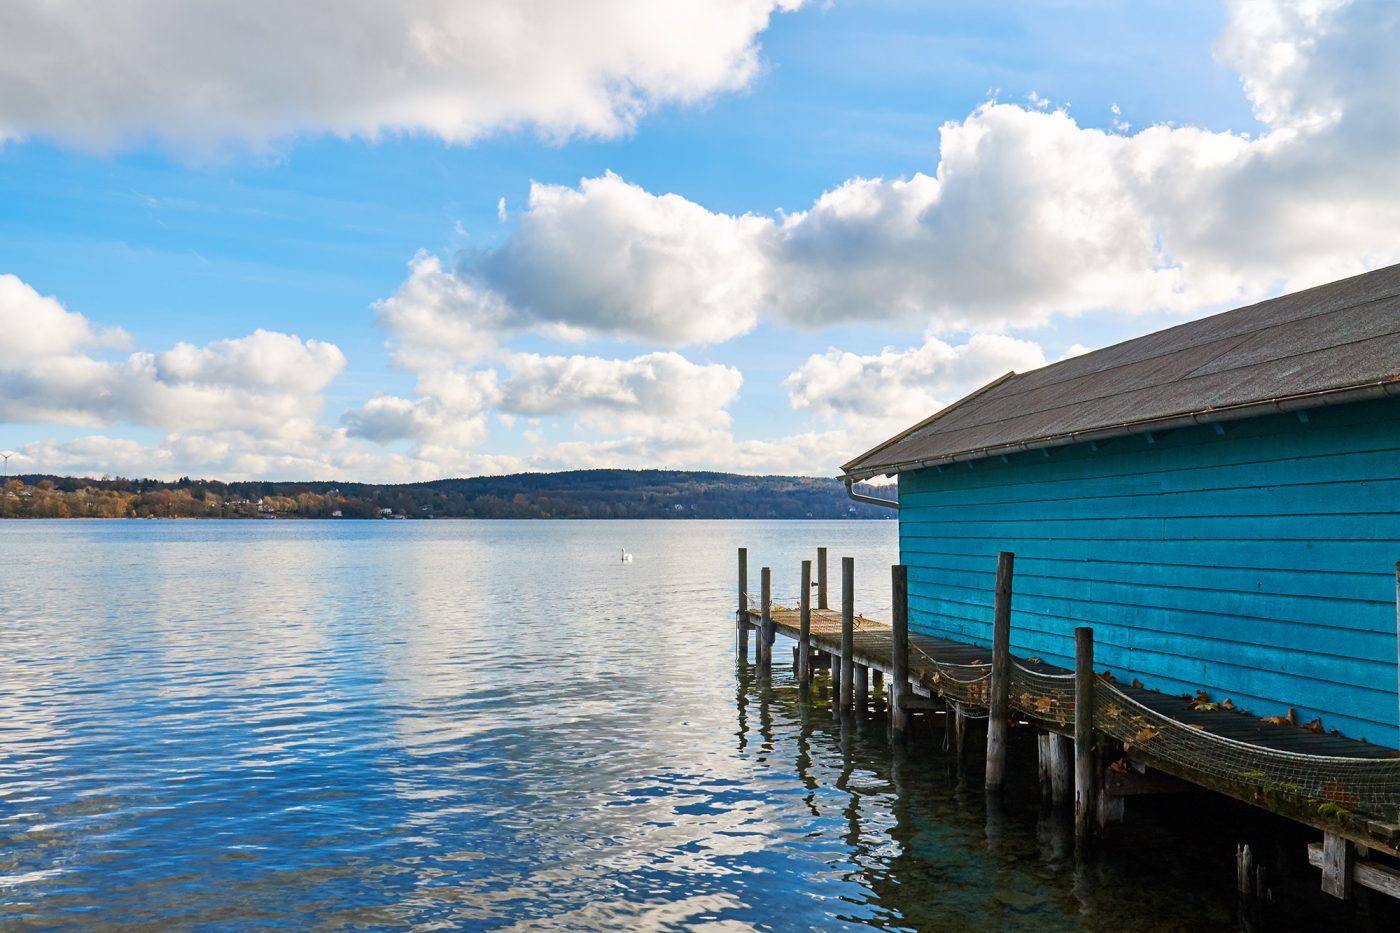 Steg an einem blauen Haus am Starnberger See